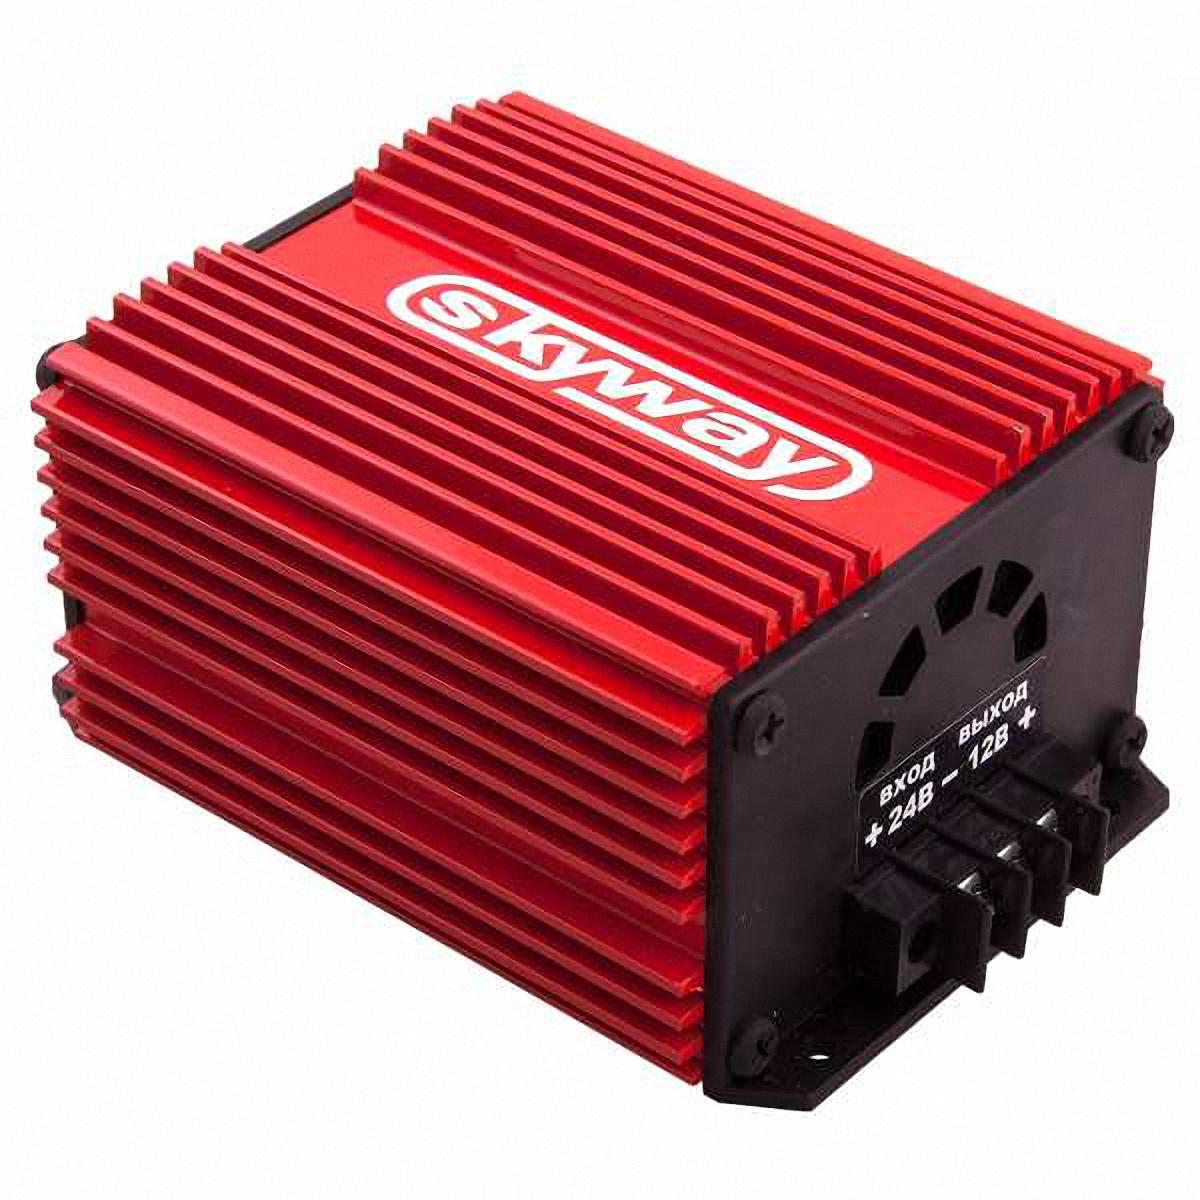 Преобразователь напряжения Skyway, 24/12V 15АS05501002Преобразователь напряжения 24/12V импульсный стабилизатор напряжения. Адаптер предназначен для преобразования нестабилизированного постоянного напряжения (22…30В) в постоянное стабилизированное напряжение 12В. Имеет встроенную защиту от короткого замыкания в нагрузке и перегрева. Адаптер может быть использован при работе с любыми видами нагрузок. Входное напряжение: 22…30В Выходное напряжение: 13,6±0,5В Макс. выходной ток: 15 А Макс. выходная мощность: 180 Ватт Коэффициент полезного действия:93% Напряжение пульсаций на выходе: 0,2 В Рабочая температура: -40…+70 °С